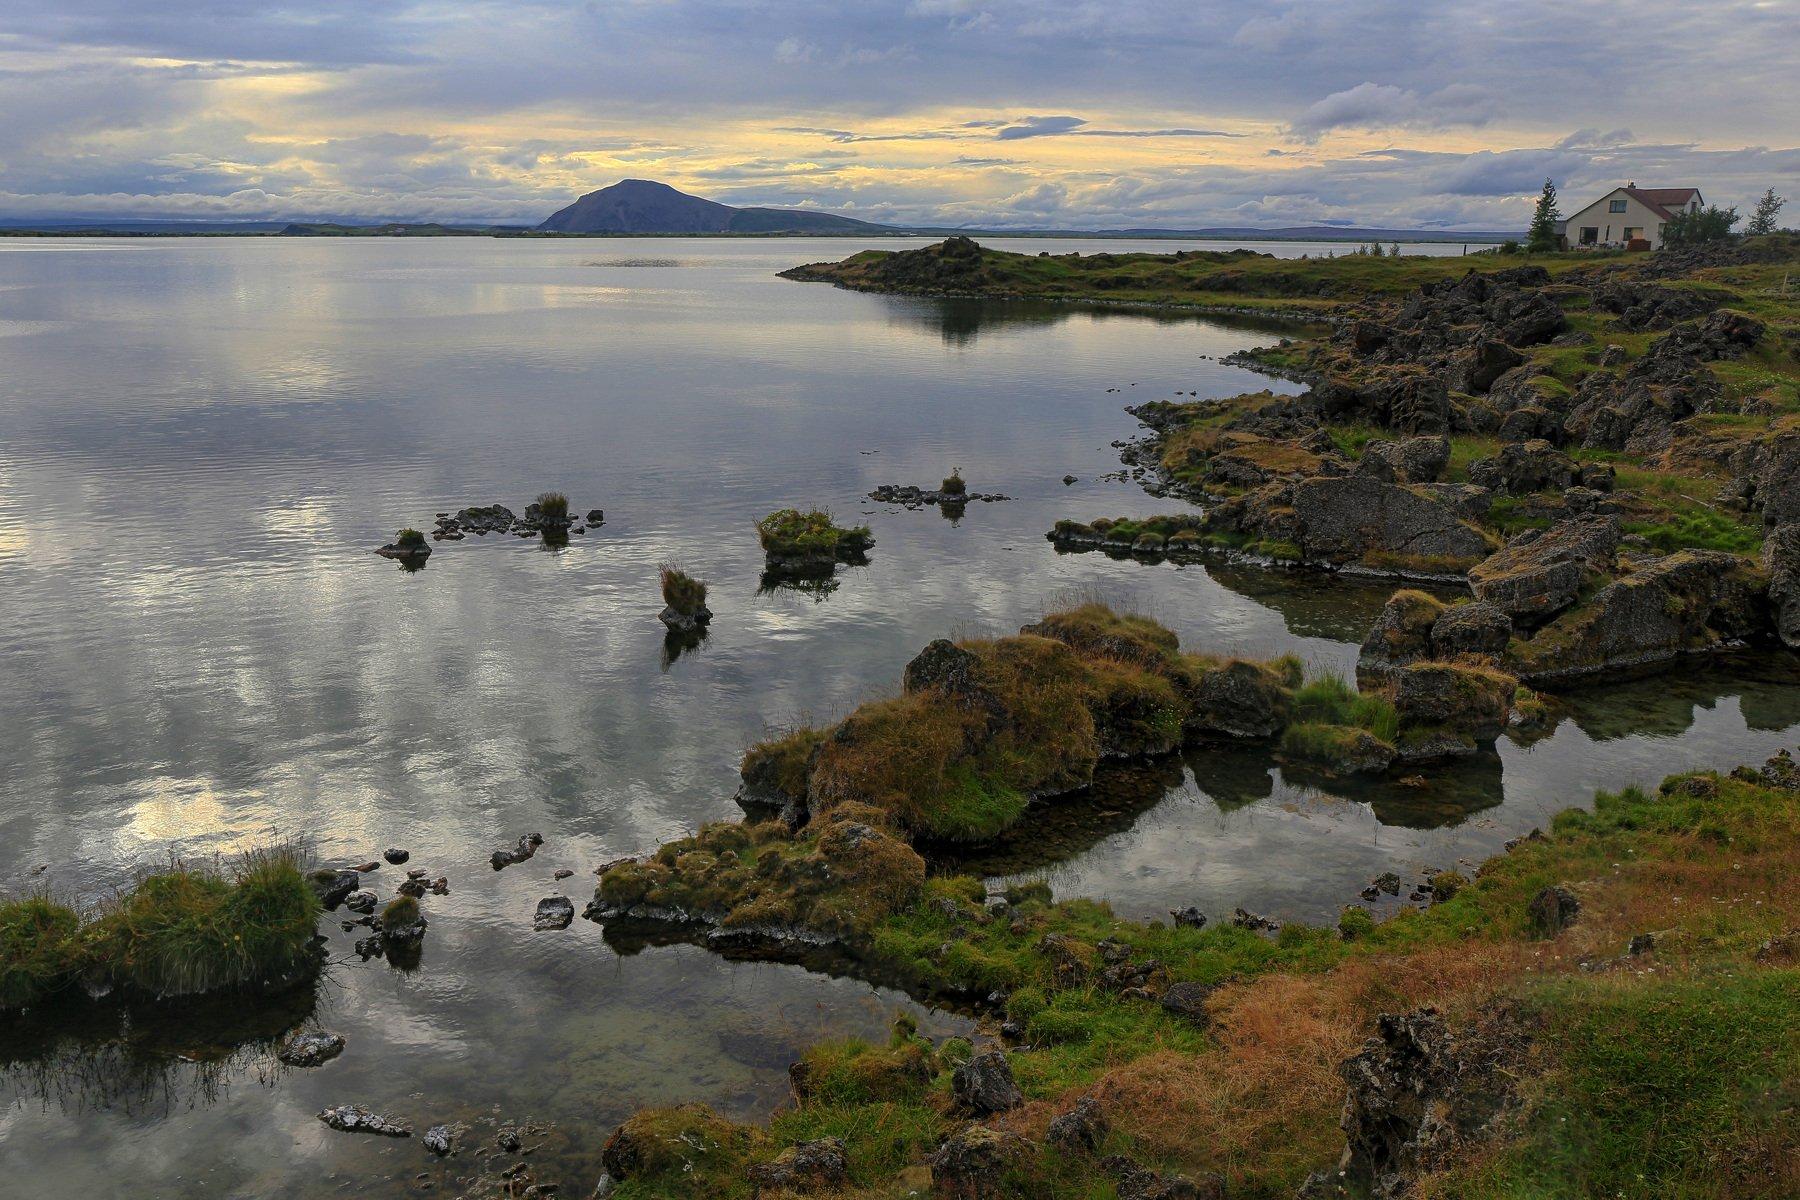 пейзаж, путешествие, озеро, исландия, iceland, lake, travel, landscape, Михаил Конарев